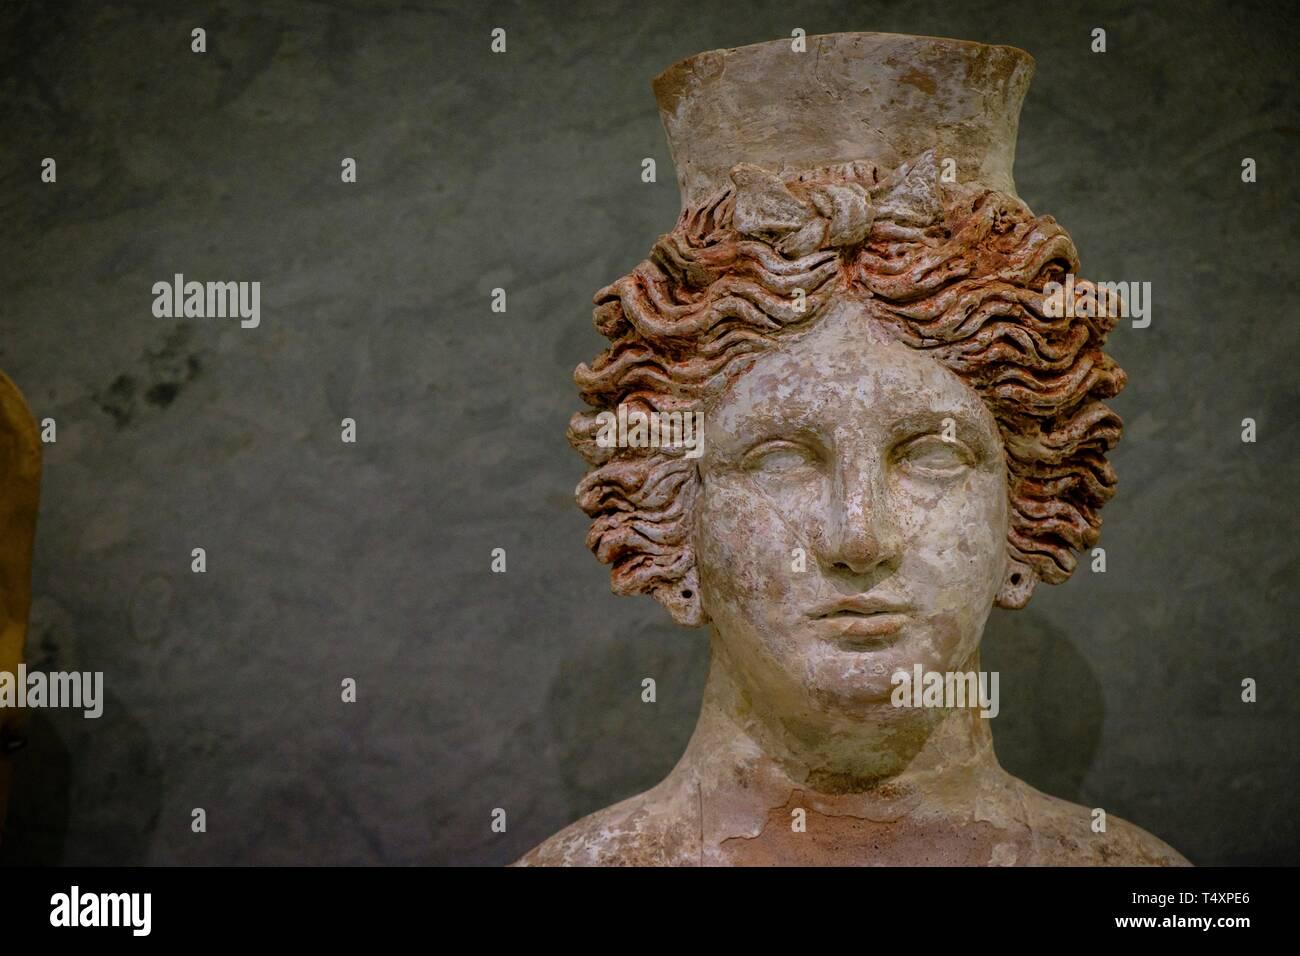 Tanit, busto femenino importado de Sicília, 400-300 a.C, Museo arqueológico de Ibiza y Formentera, Patrimonio de la Humanidad «Ibiza, biodiversidad y cultura», Ibiza, balearic islands, Spain. - Stock Image